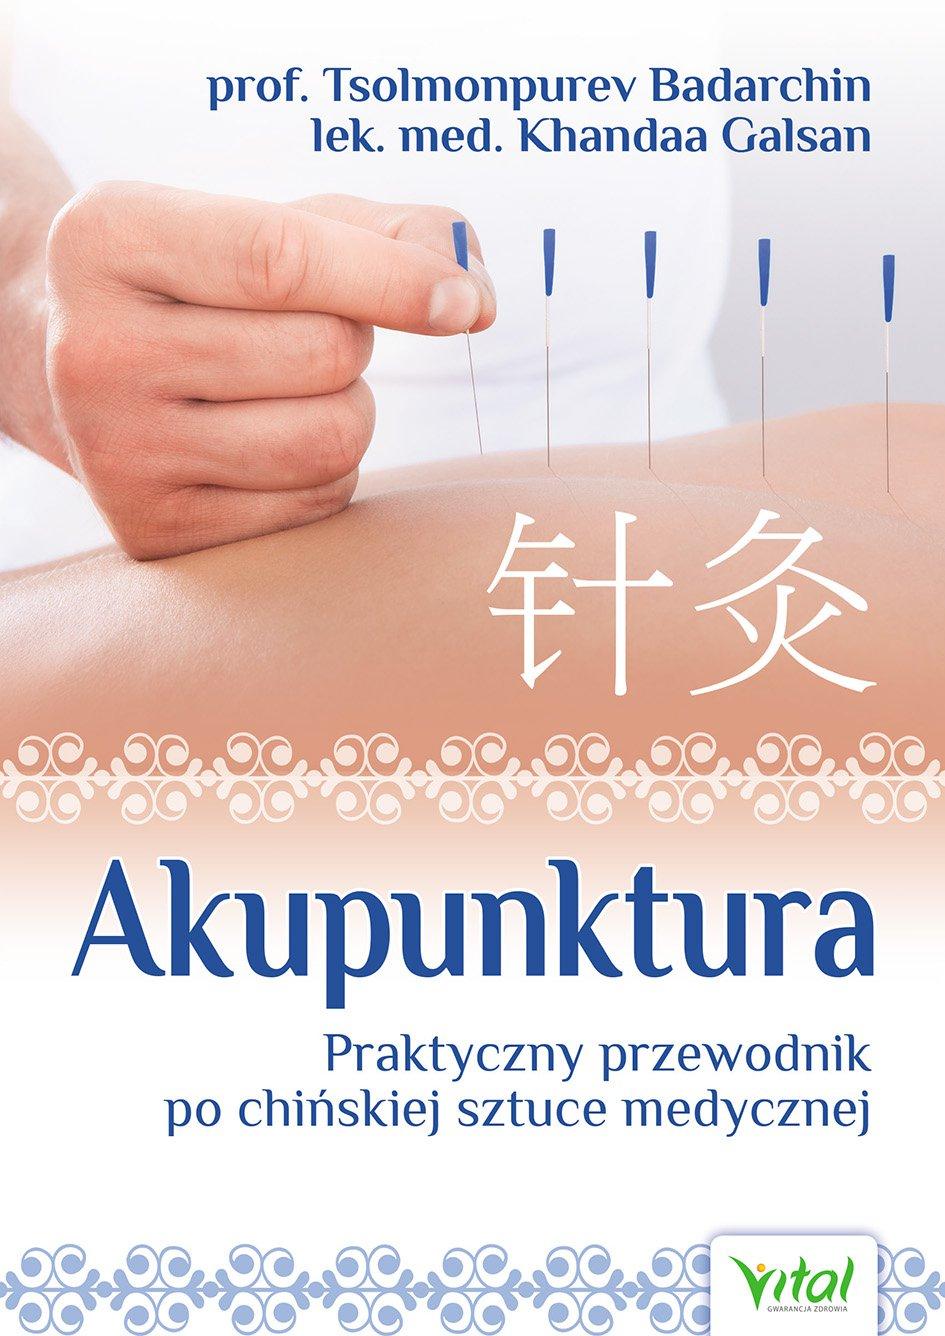 Akupunktura. Praktyczny przewodnik po chińskiej sztuce medycznej - Ebook (Książka PDF) do pobrania w formacie PDF